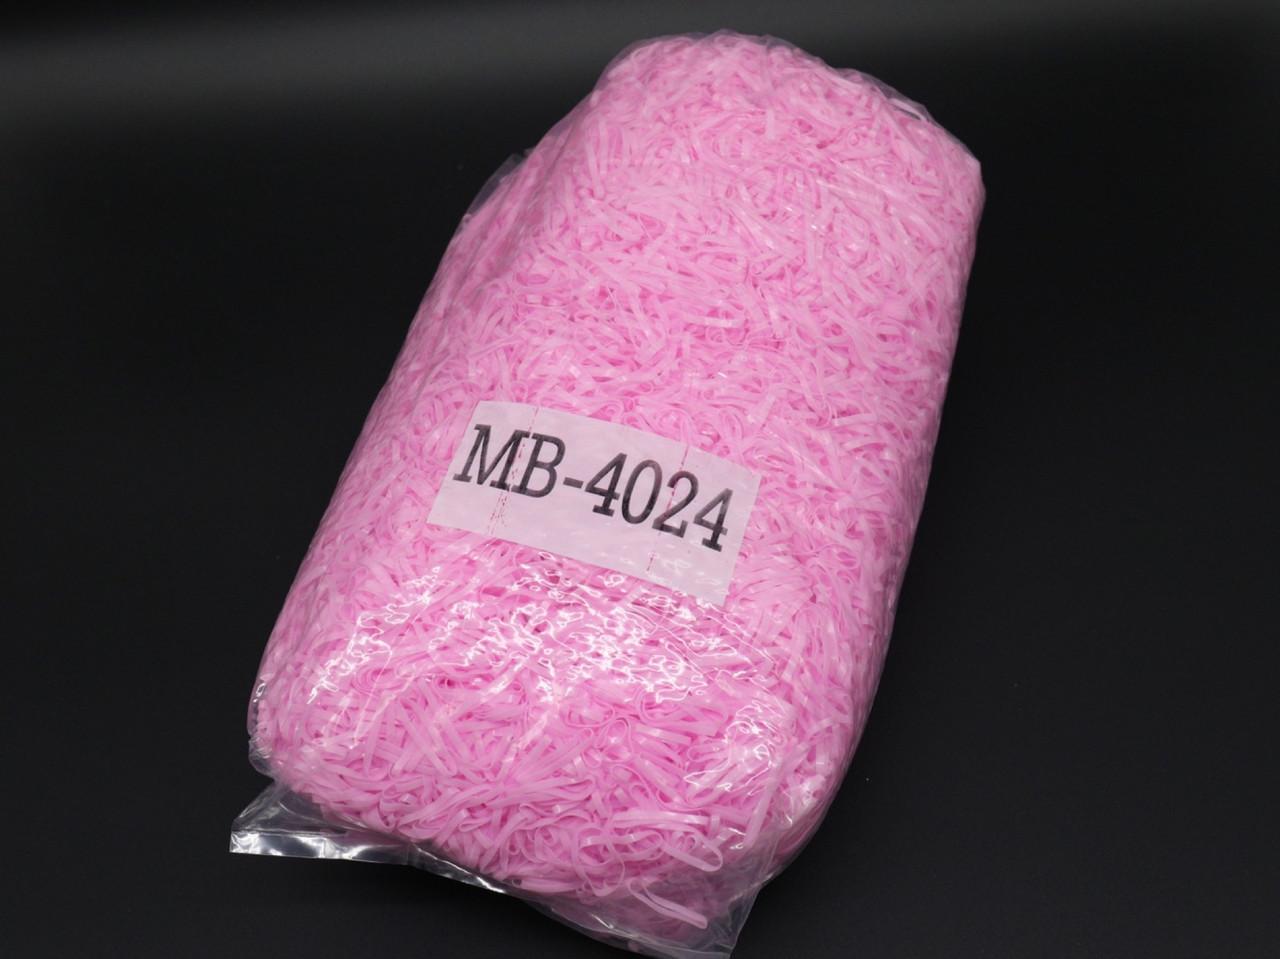 Гумки для грошей силіконова. 25мм. Колір світло-рожевий. 21488шт